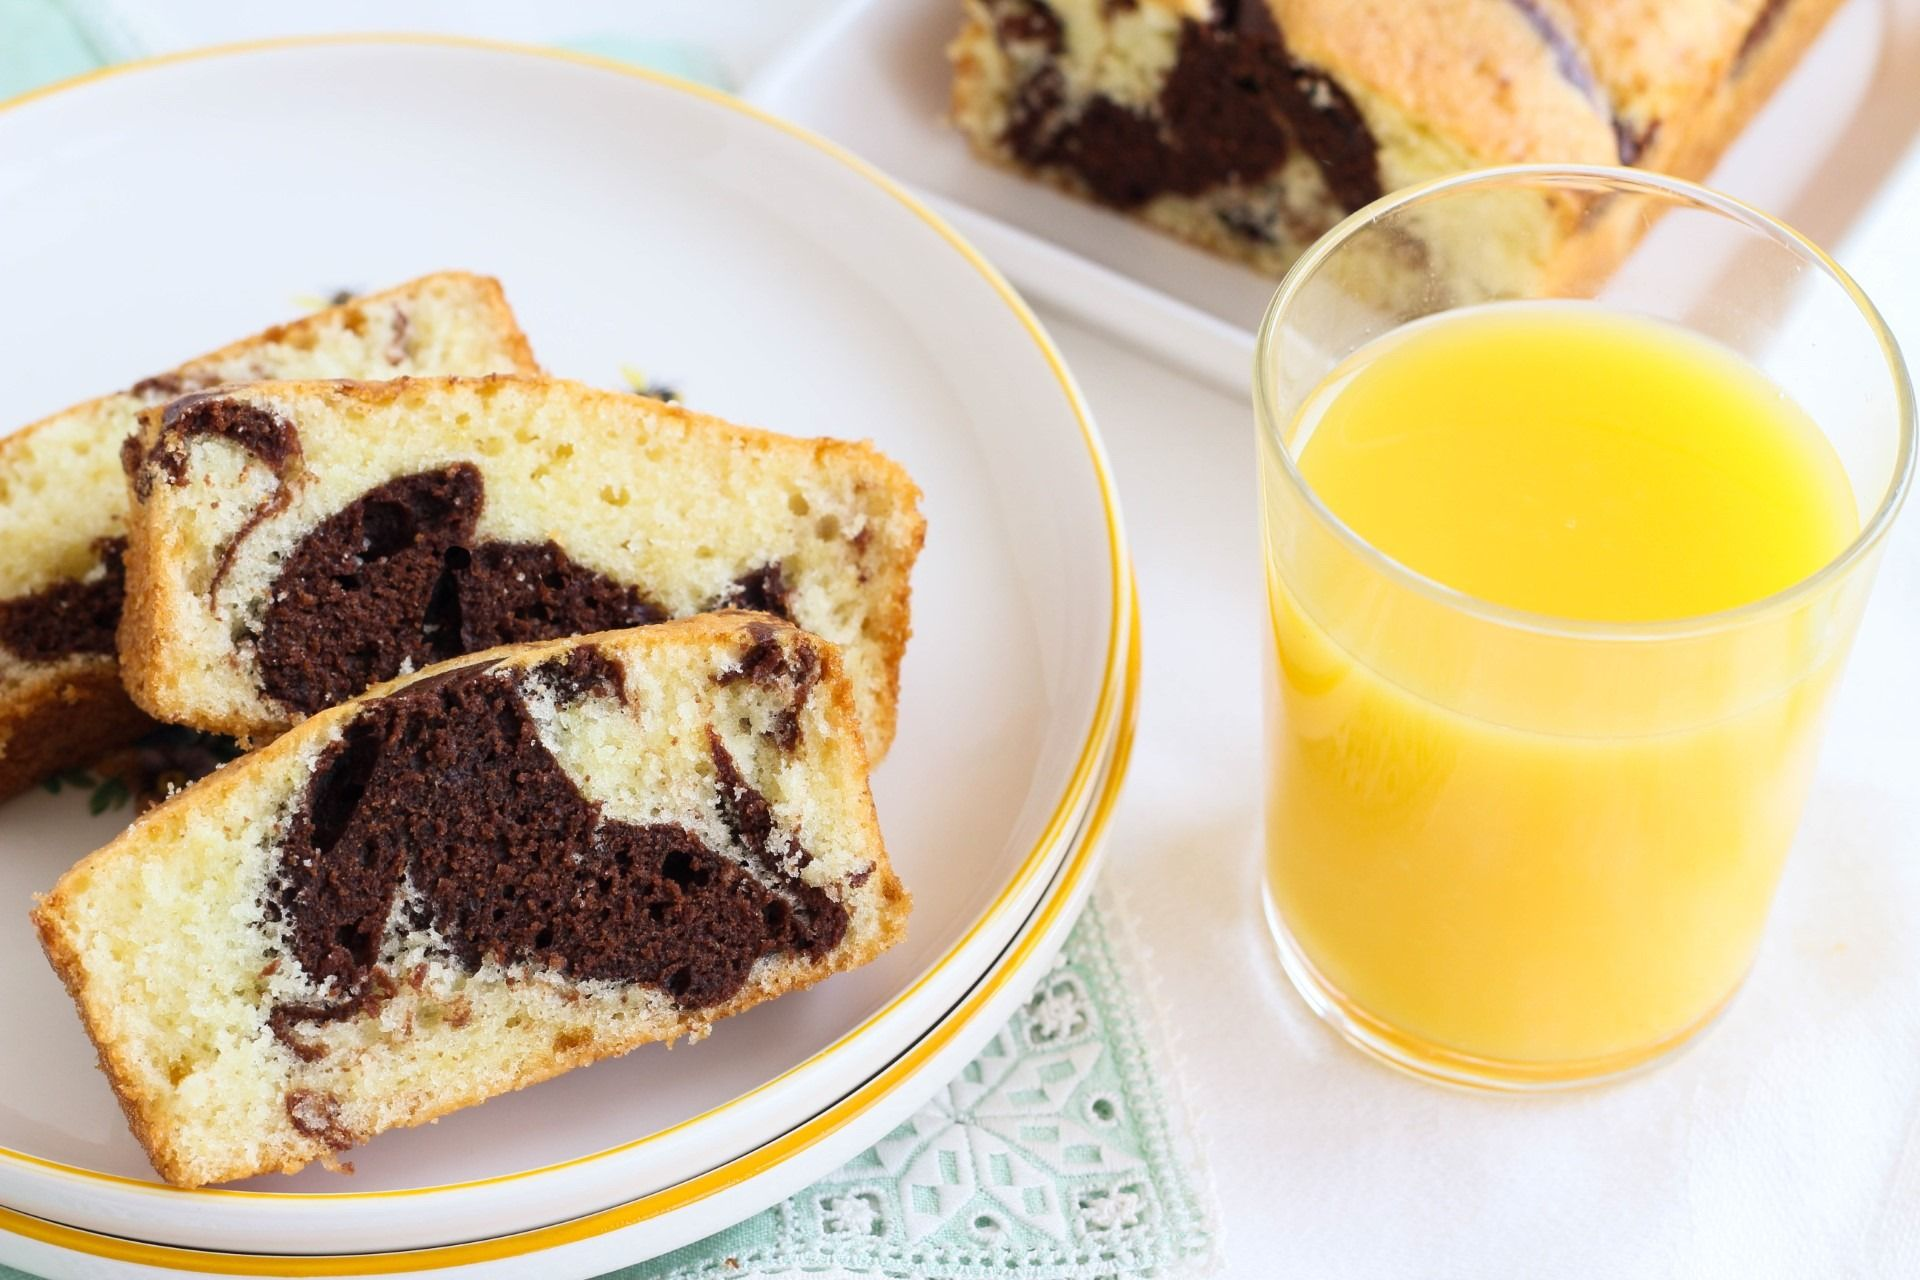 עוגת תפוזים-שוקולד משושית